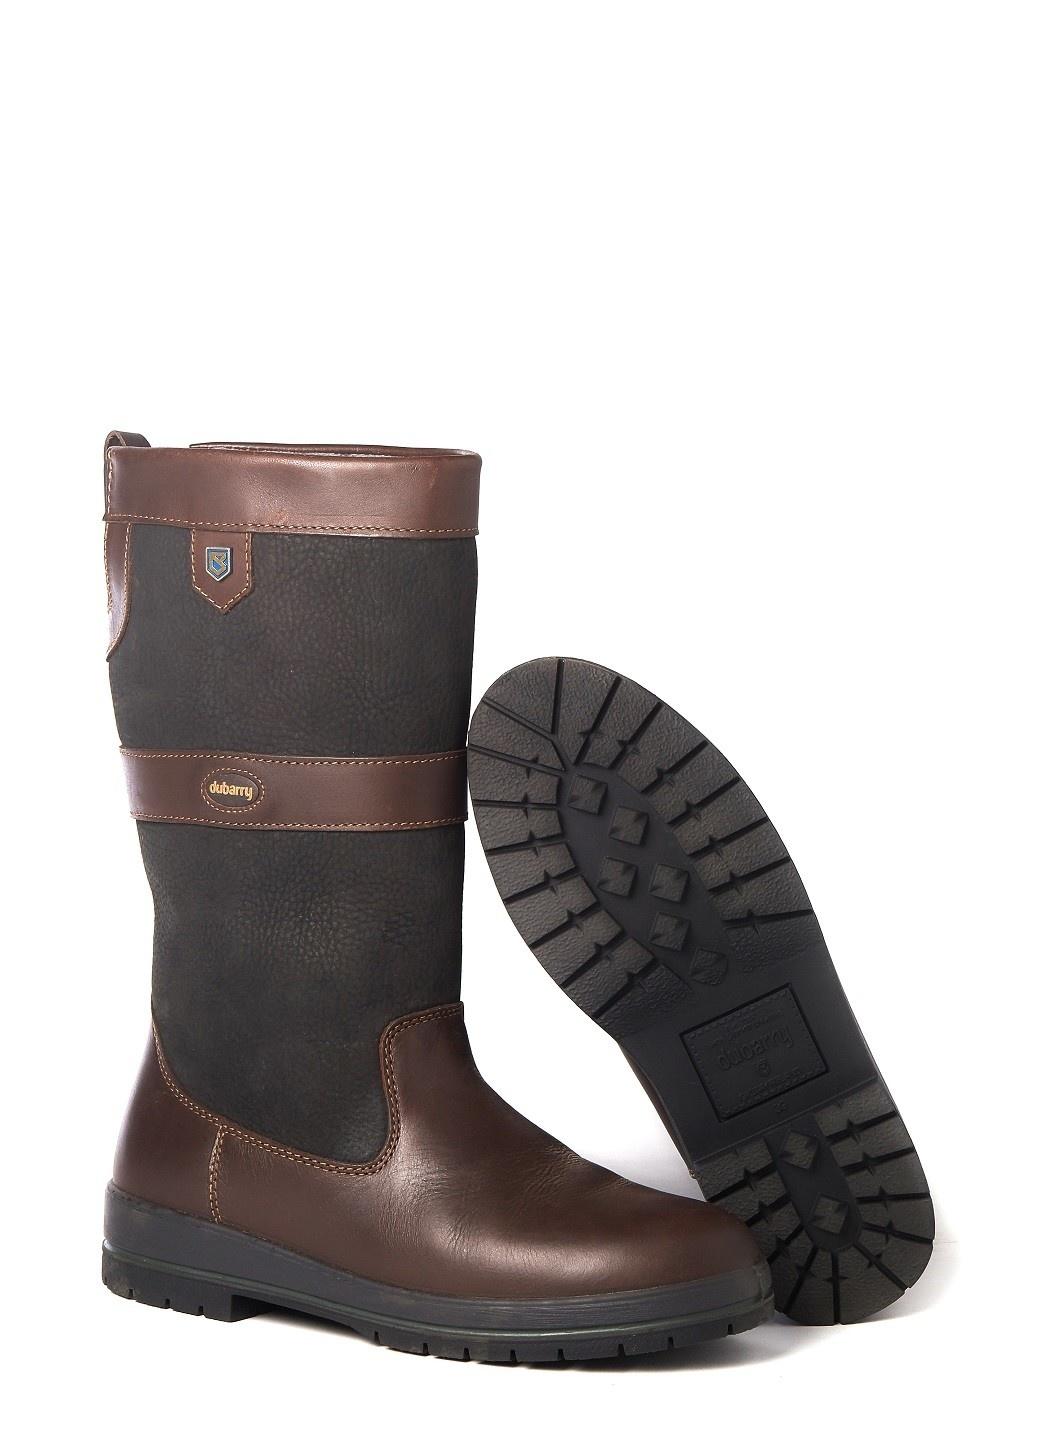 Dubarry Kildare outdoor laarzen - Black/Brown-4